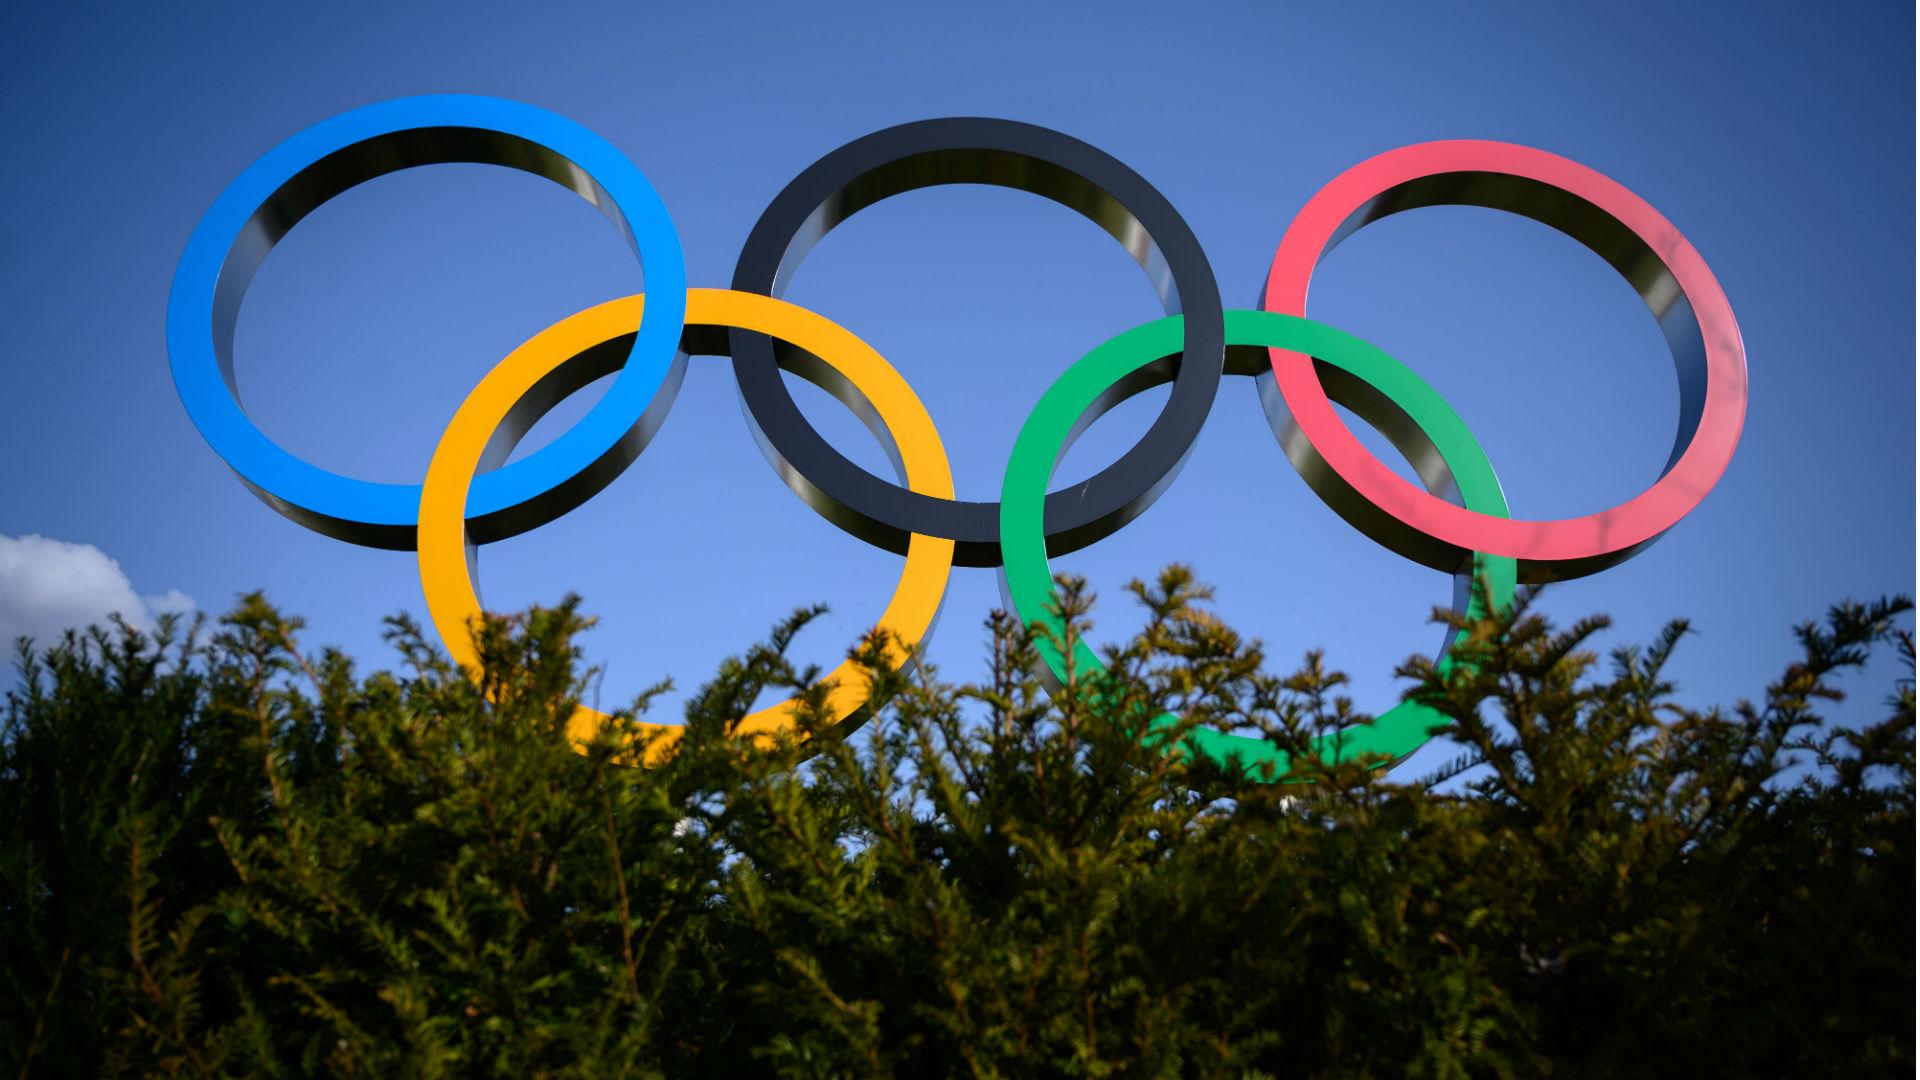 Los atletas olímpicos y el mundo deportivo reaccionan ante el aplazamiento informado de los Juegos de Tokio 2020 2